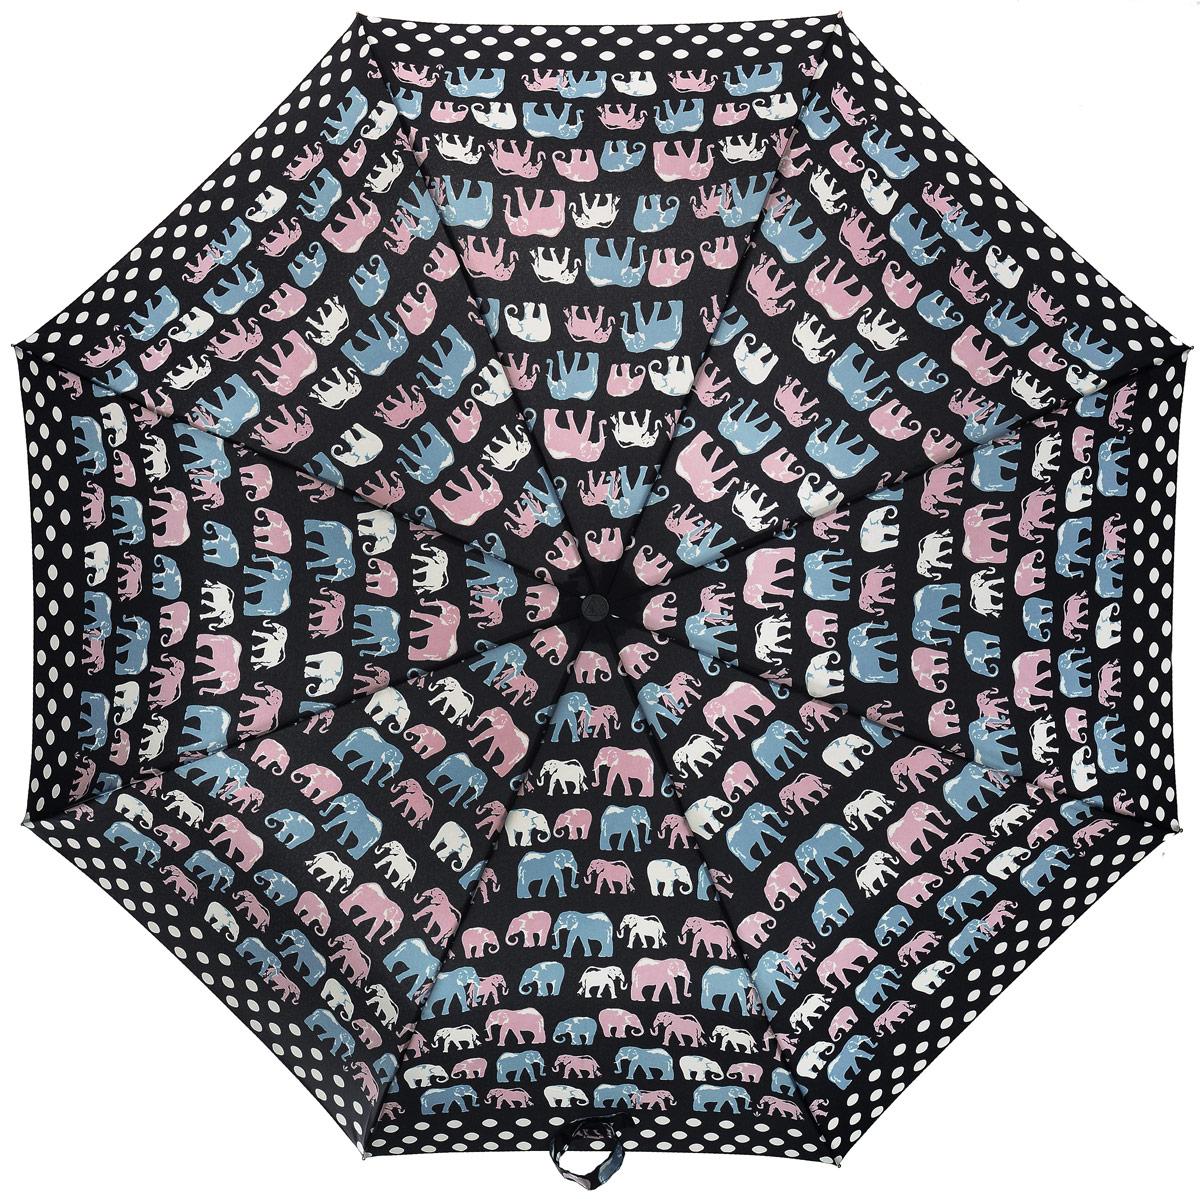 Зонт женский Fulton, механический, 3 сложения, цвет: черный, мультиколор. L354-3034CX1516-50-10Стильный зонт Fulton имеет 3 сложения, даже в ненастную погоду позволит вам оставаться стильной. Легкий, но в тоже время прочный и ветроустойчивый каркас из фибергласса состоит из восьми спиц с износостойкими соединениями. Купол зонта выполнен из прочного полиэстера с водоотталкивающей пропиткой. Рукоятка разработанная с учетом требований эргономики, выполнена из настоящего каучука.Зонт механического сложения: купол открывается и закрывается вручную до характерного щелчка. Такой зонт не только надежно защитит вас от дождя, но и станет стильным аксессуаром, который идеально подчеркнет ваш неповторимый образ.